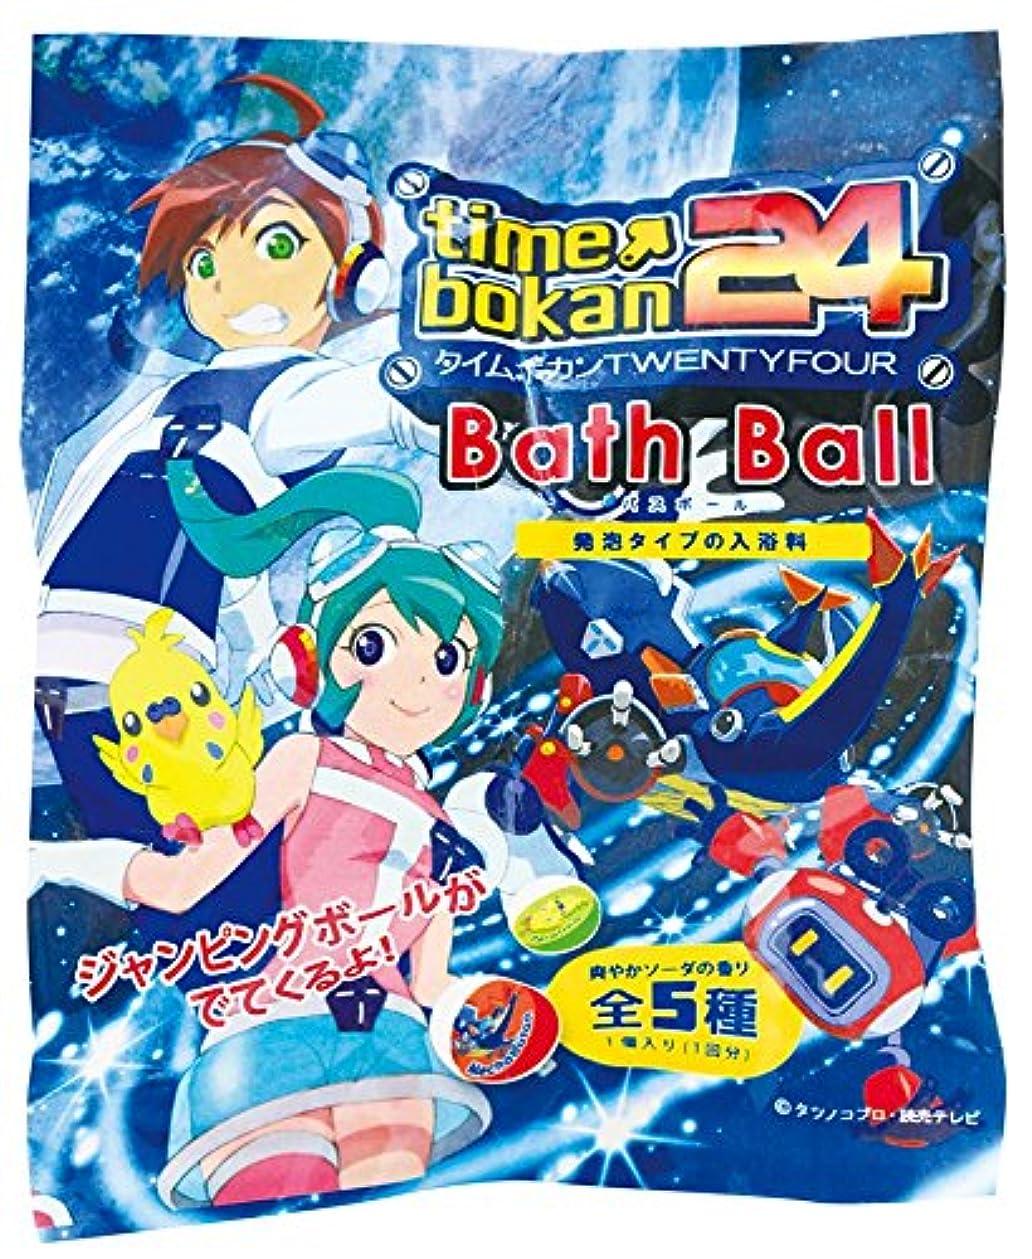 コードペンス賞タイムボカン24 入浴剤 バスボール おまけ付き ソーダの香り OB-TMB-1-1